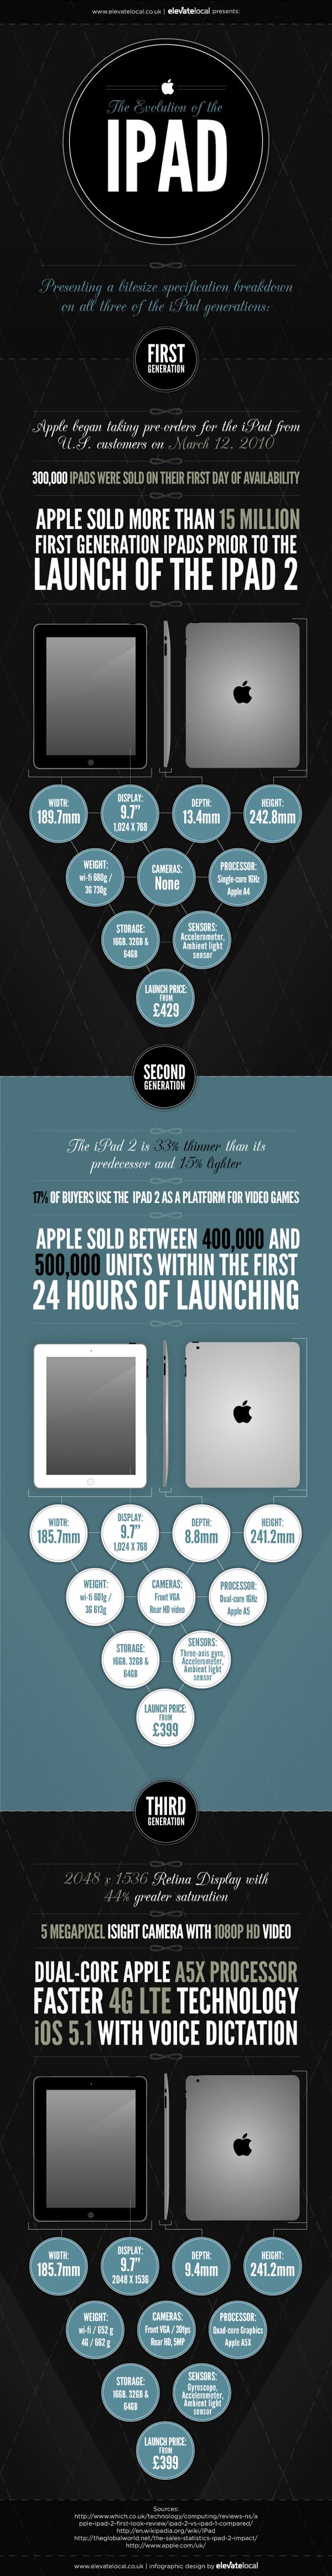 Evolution de l'iPad d'Apple